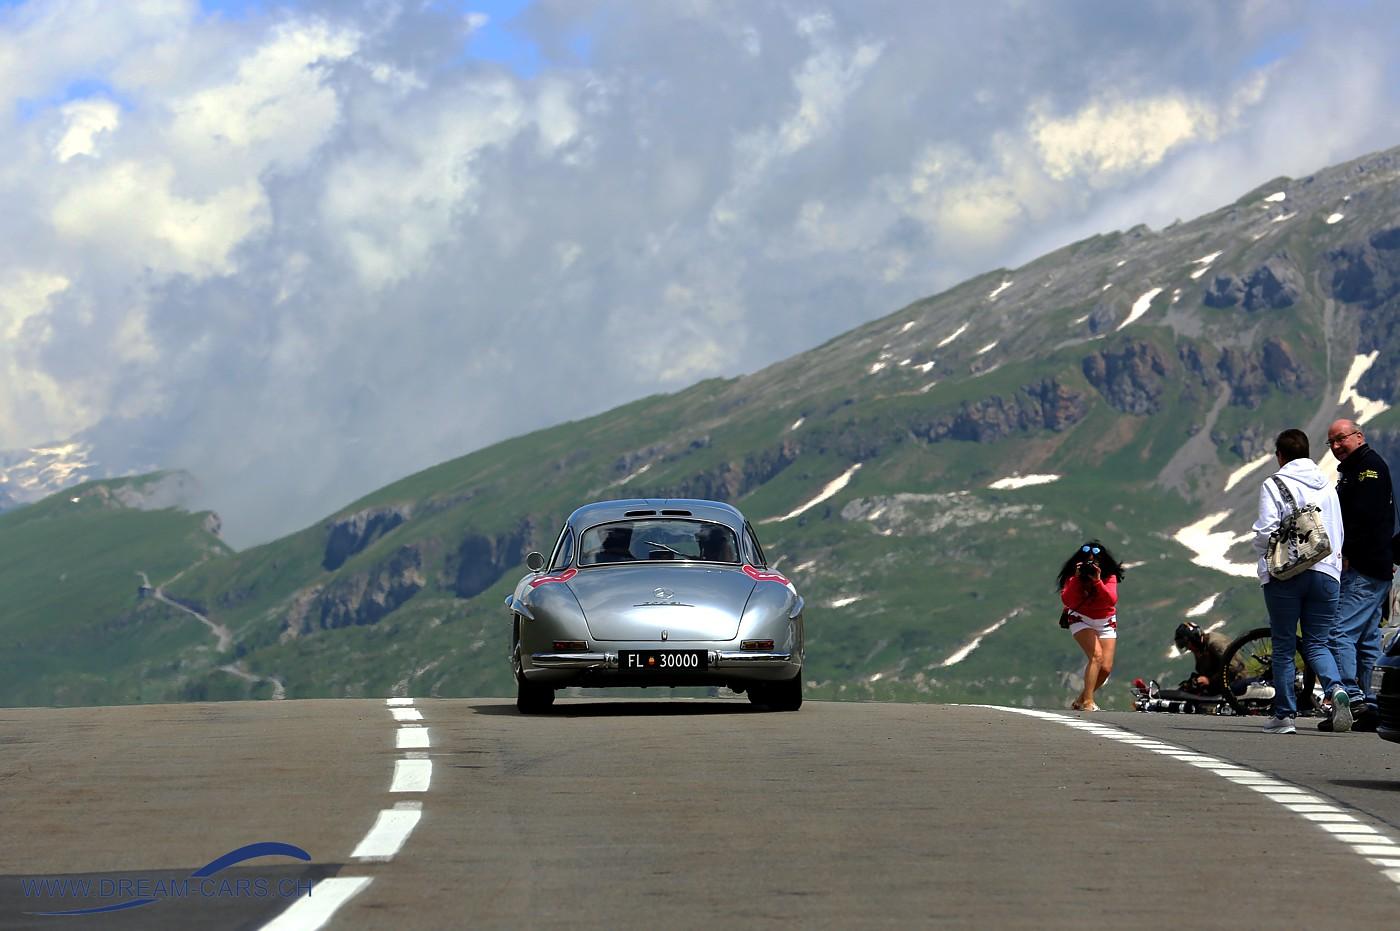 Passione Caracciola, 22. Juni 2018. Einer der Mercedes 300 SL auf der 1'952 Meter hohen Passhöhe des Klausenpasses.